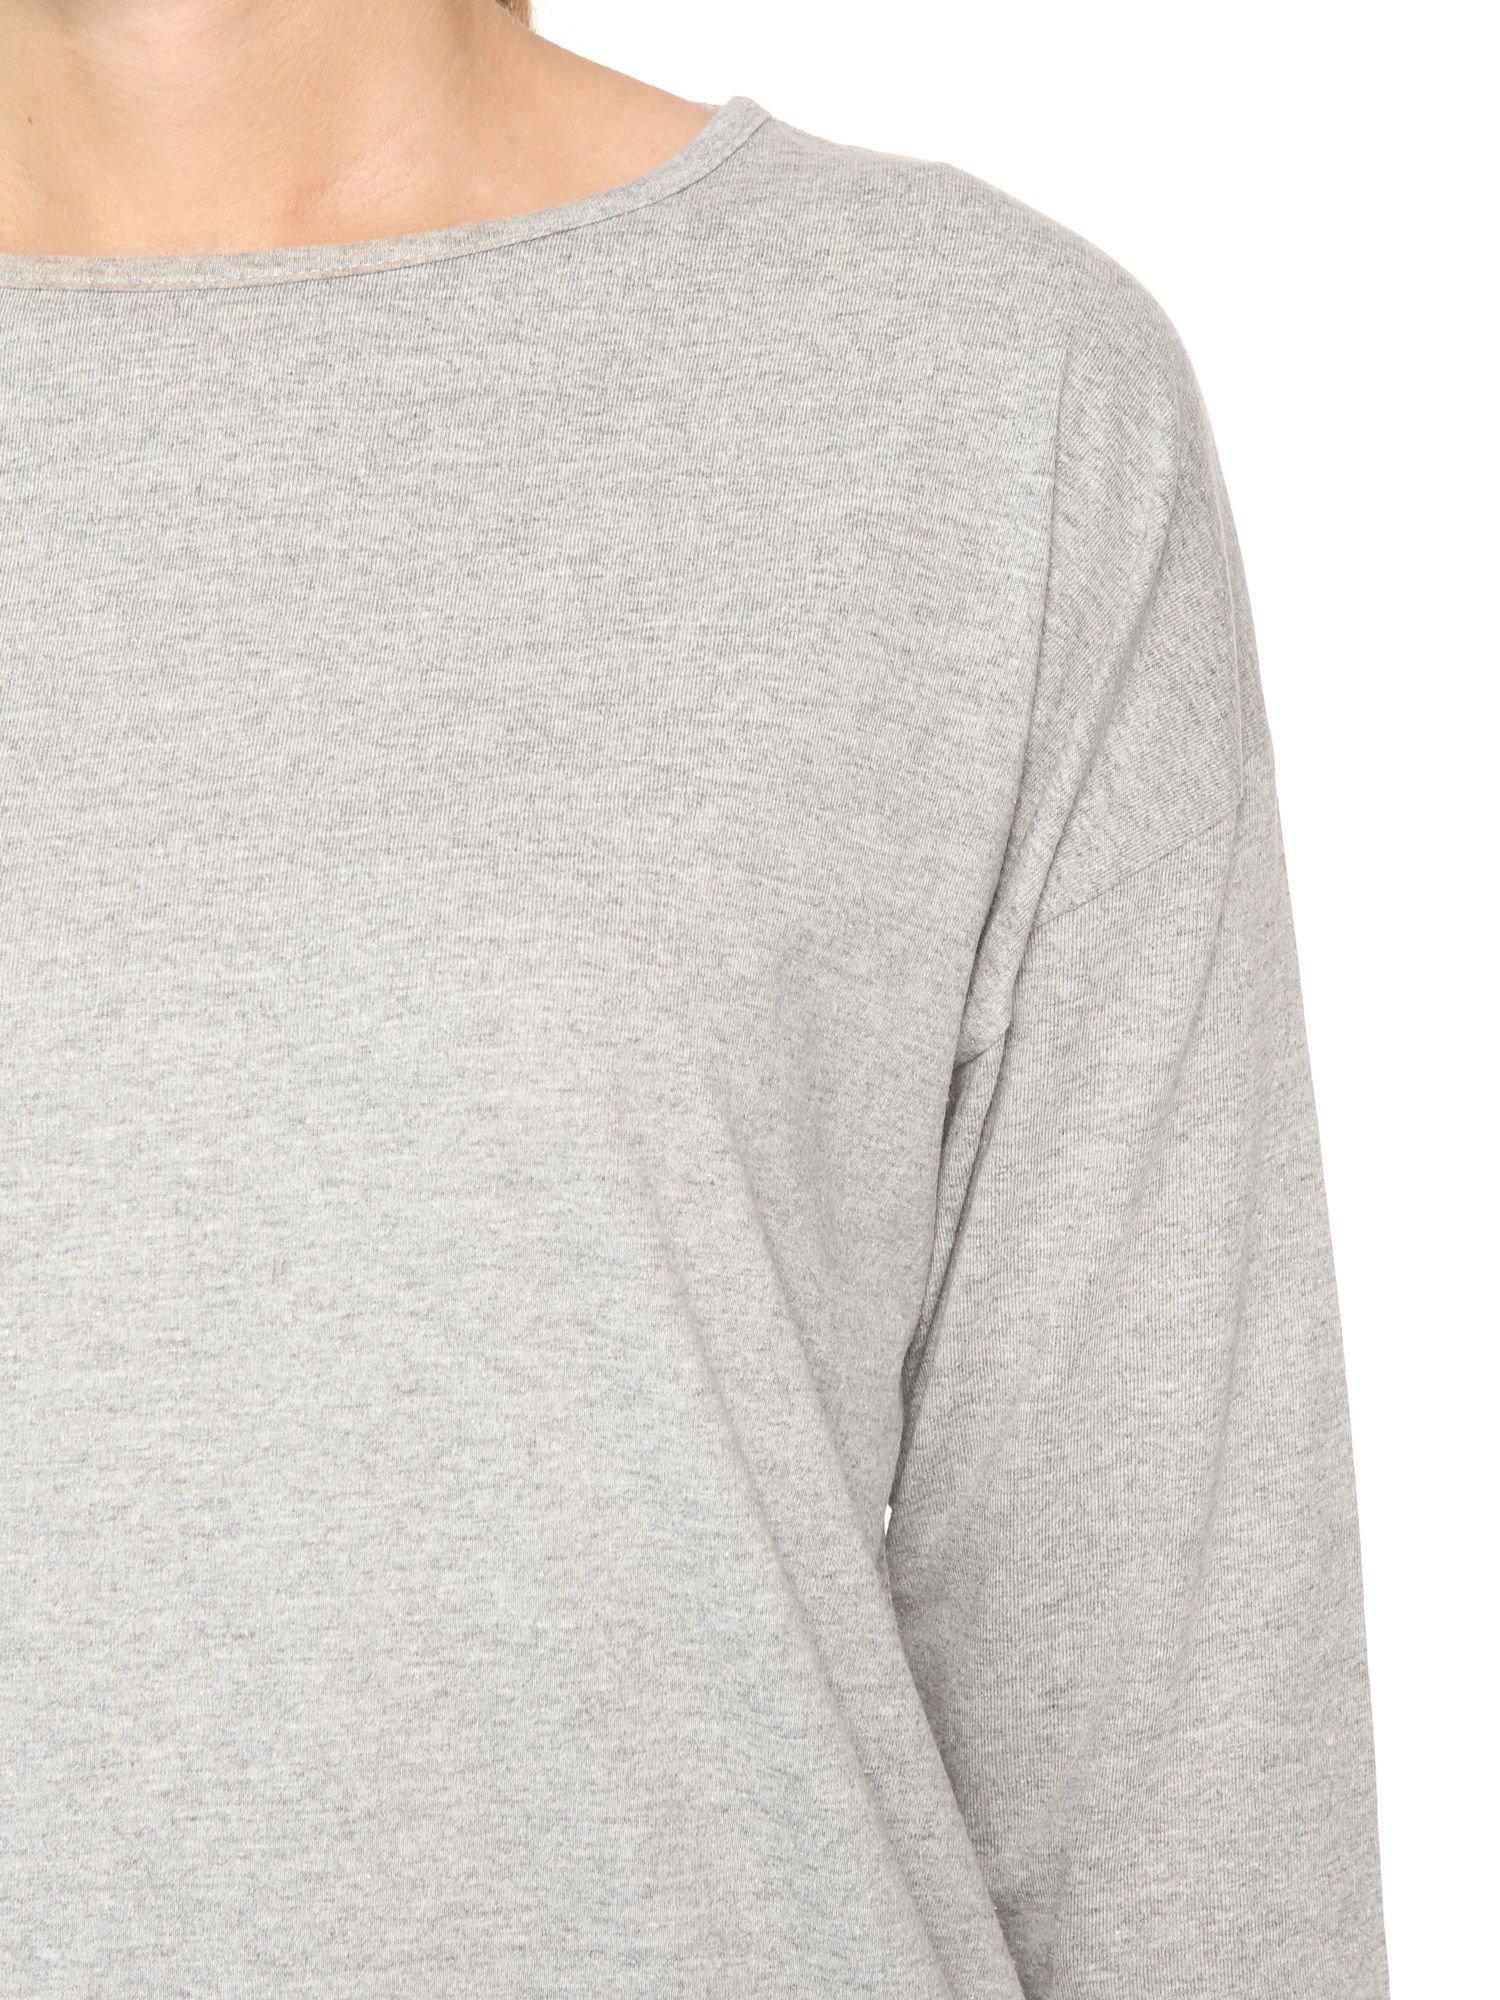 Ciemnoszara bluzka z rękawem 3/4 i lekkim ściągaczem na dole                                  zdj.                                  5